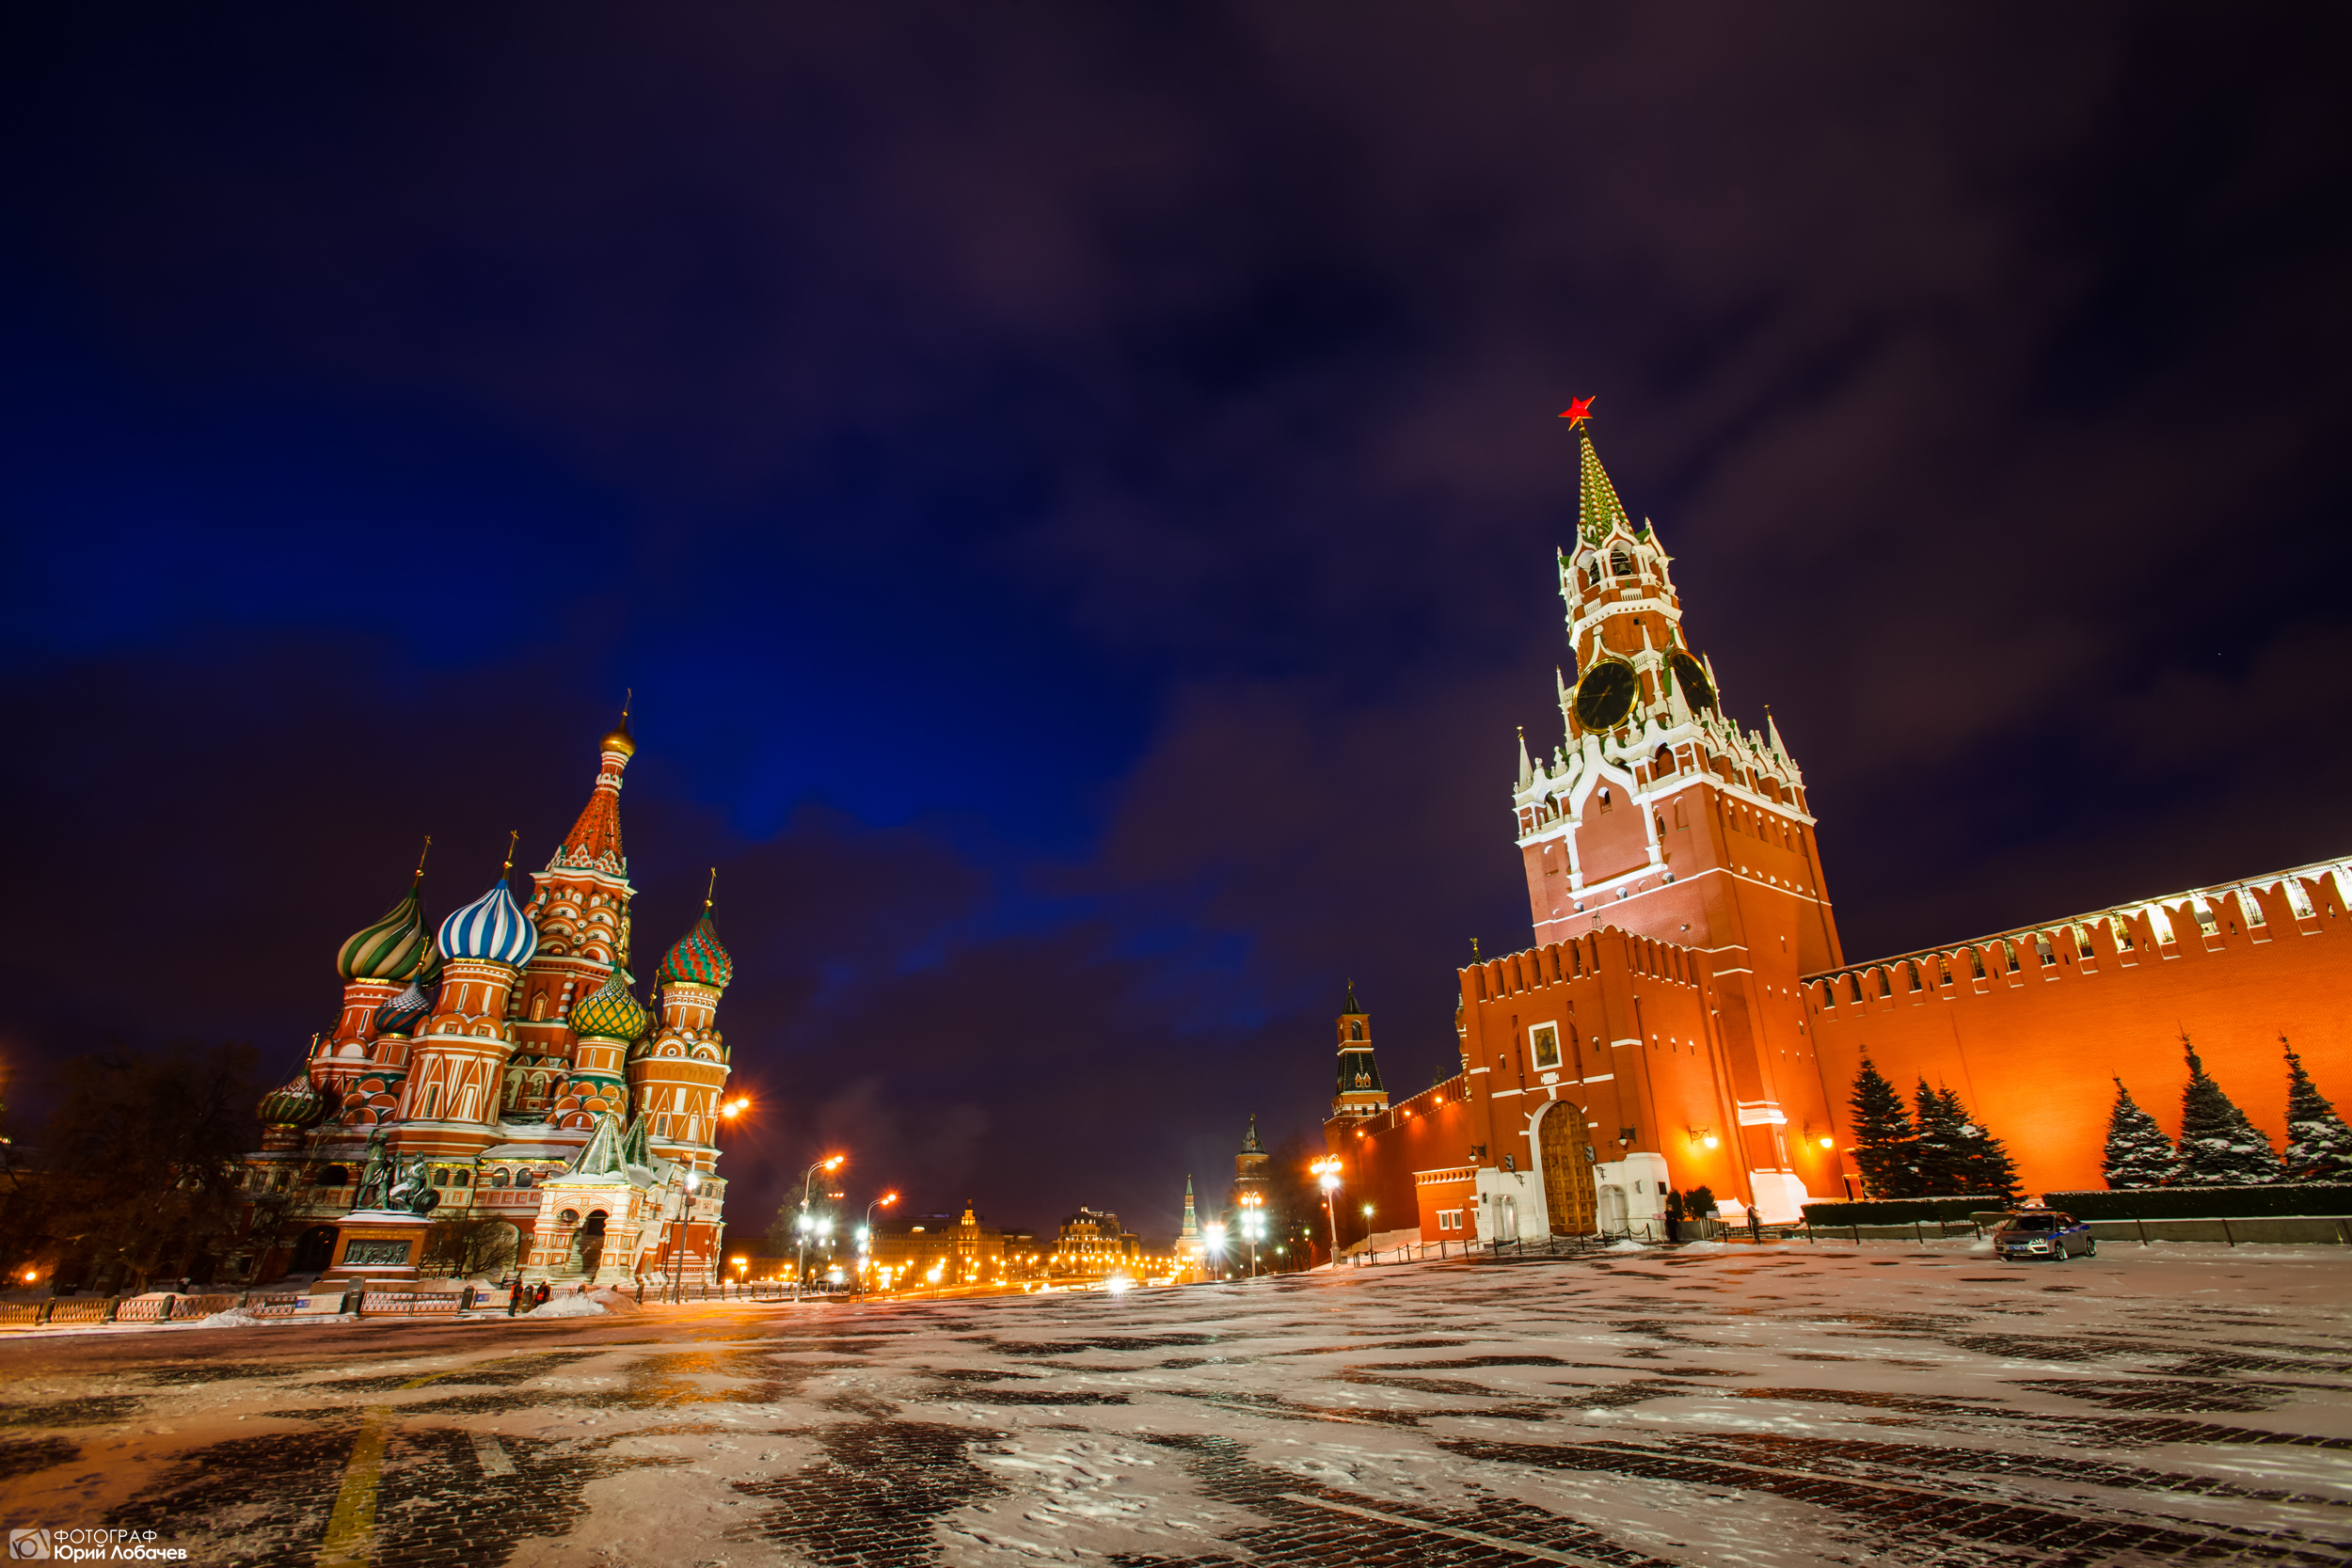 фото московского кремля и красной площади спальни подойдут